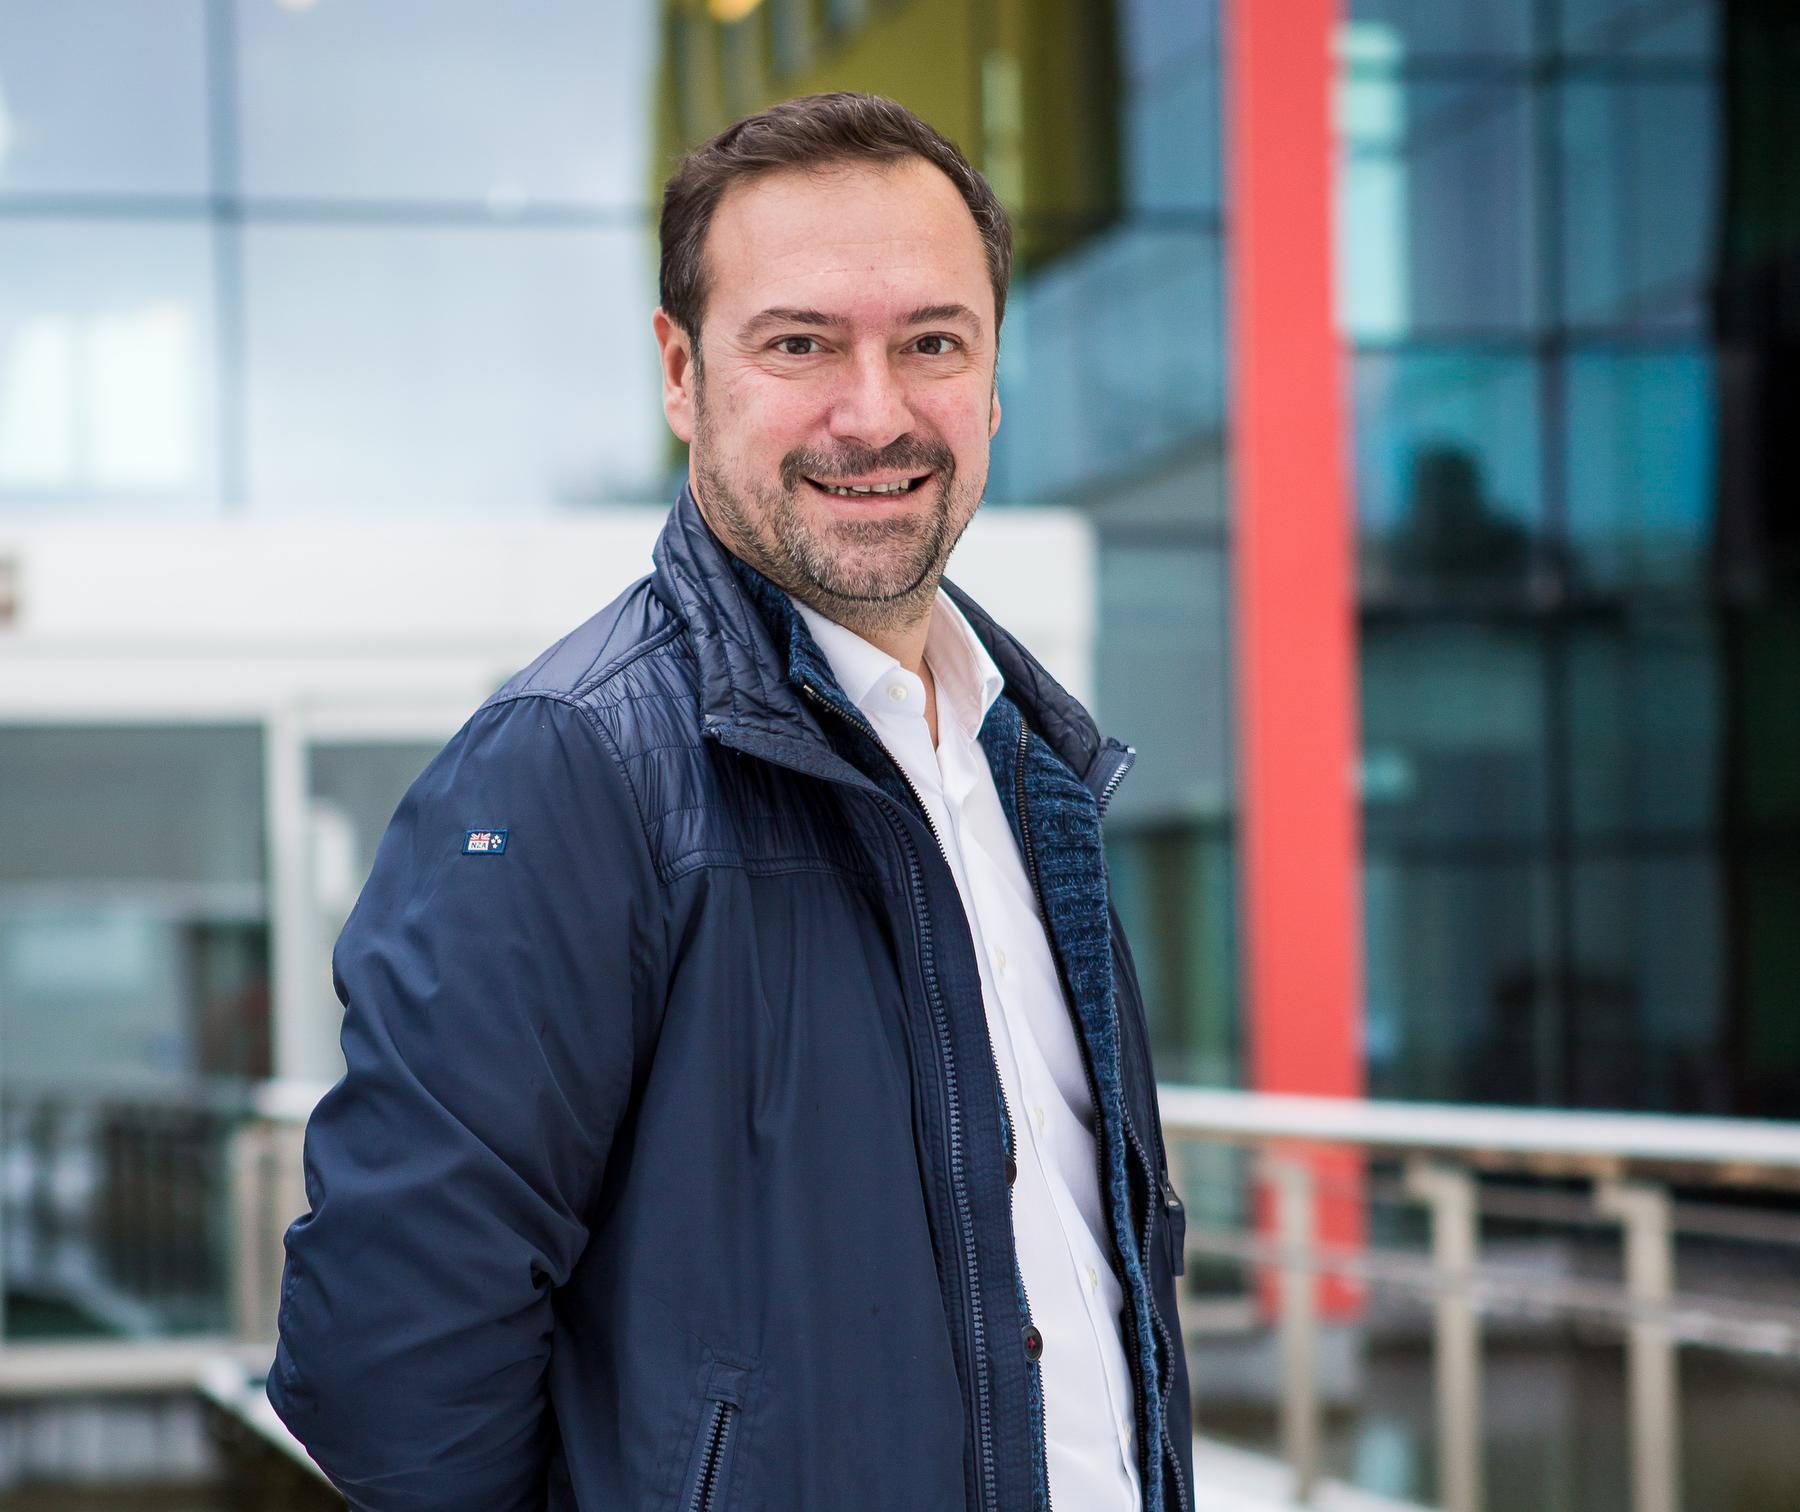 AZ Sint-Jan Brugge-Oostende voert labotests uit om coronavirus sneller op te sporen